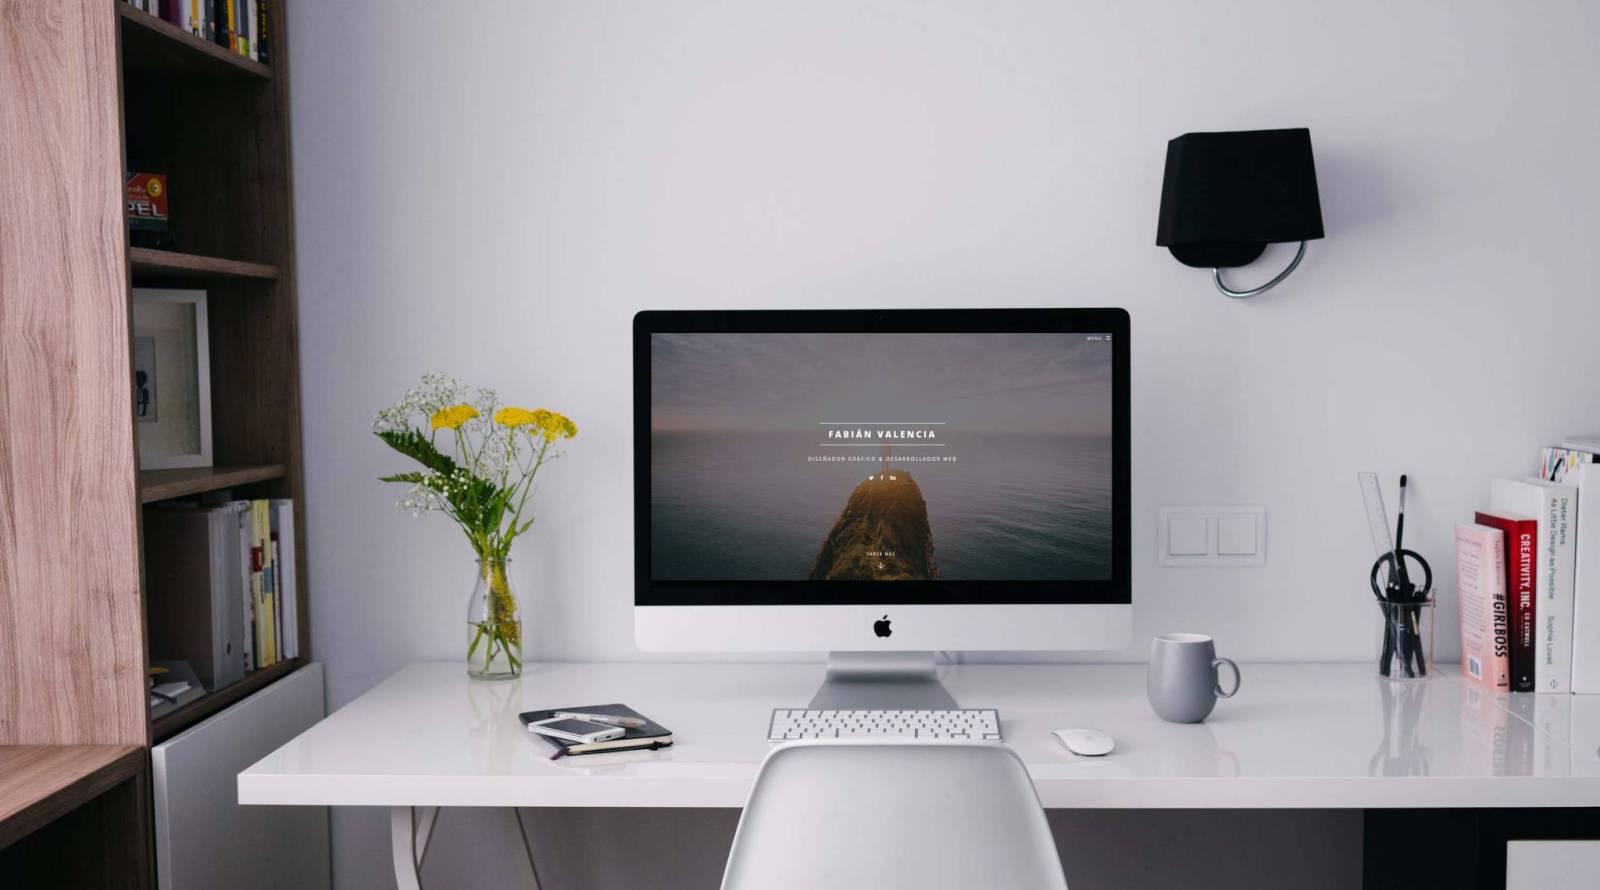 ¿Cómo hacer un blog con WordPress?